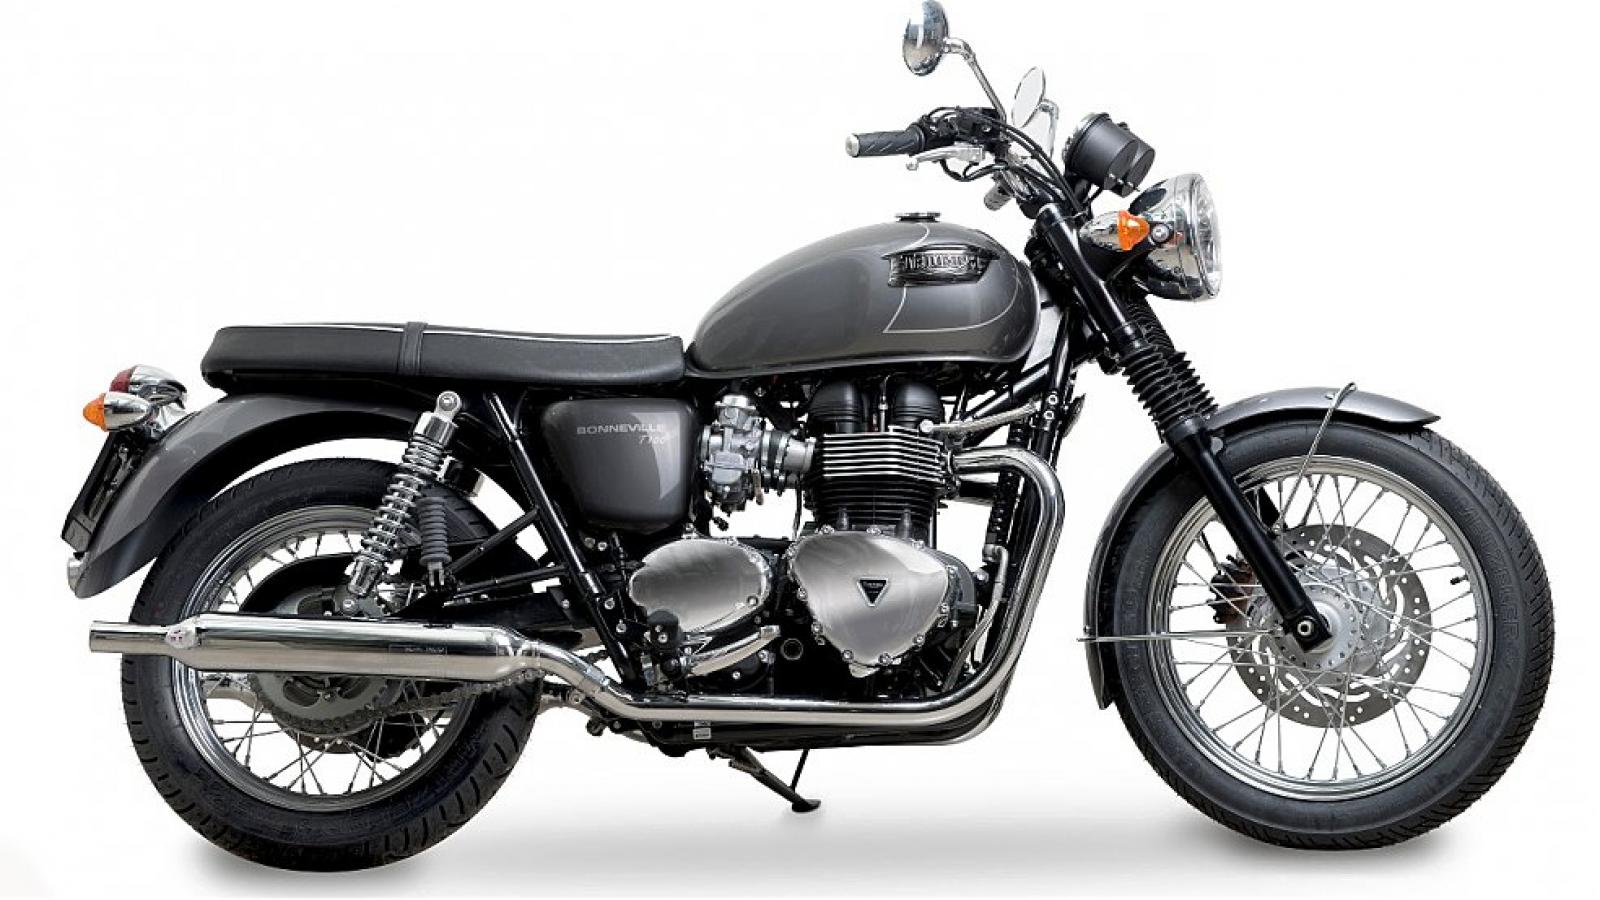 Мотоцикл Triumph Bonneville Ewan McGregor Special Edition (2008)